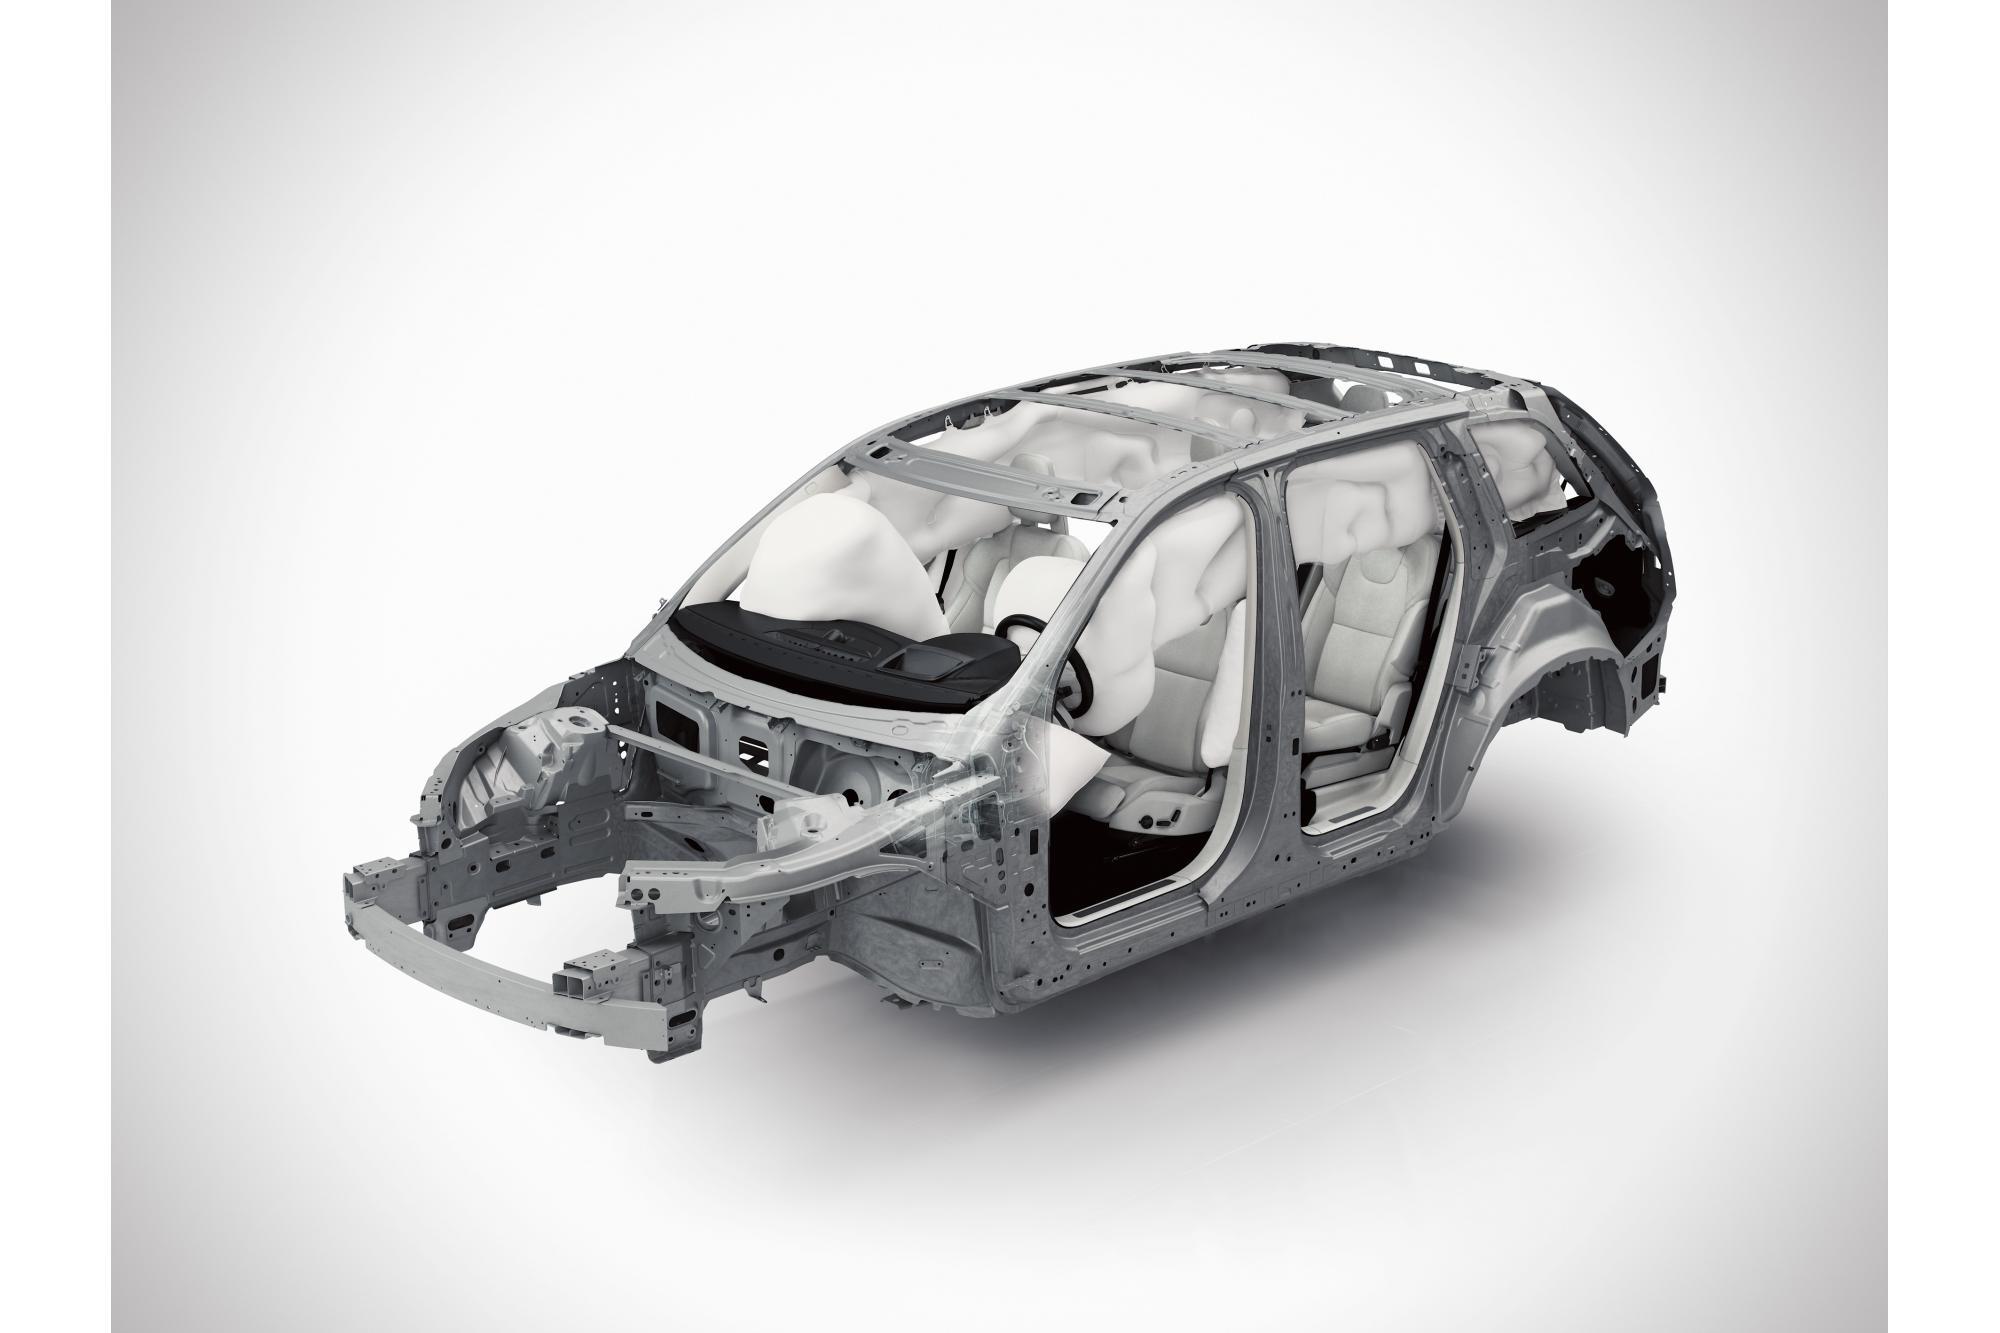 Τα αυτοκίνητα της Volvo είναι ασφαλή για κάθε σώμα, γυναικείο ή αντρικό